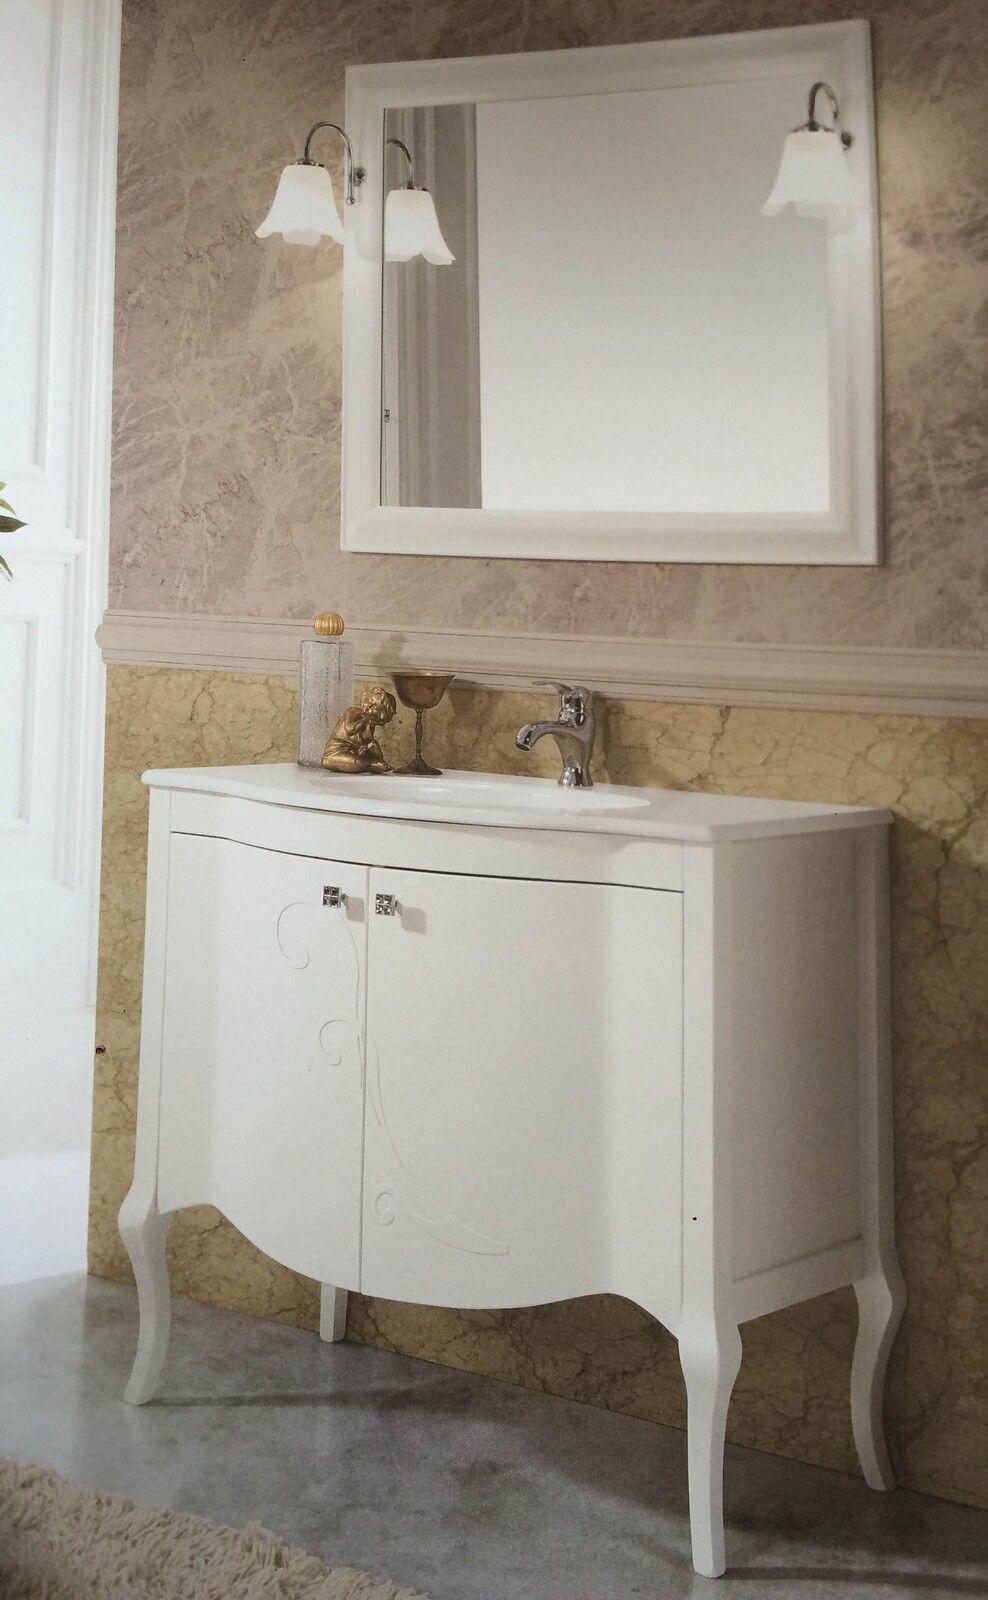 Mobile bagno con lavabo e specchio legno bianco bombato - Specchio bagno legno ...